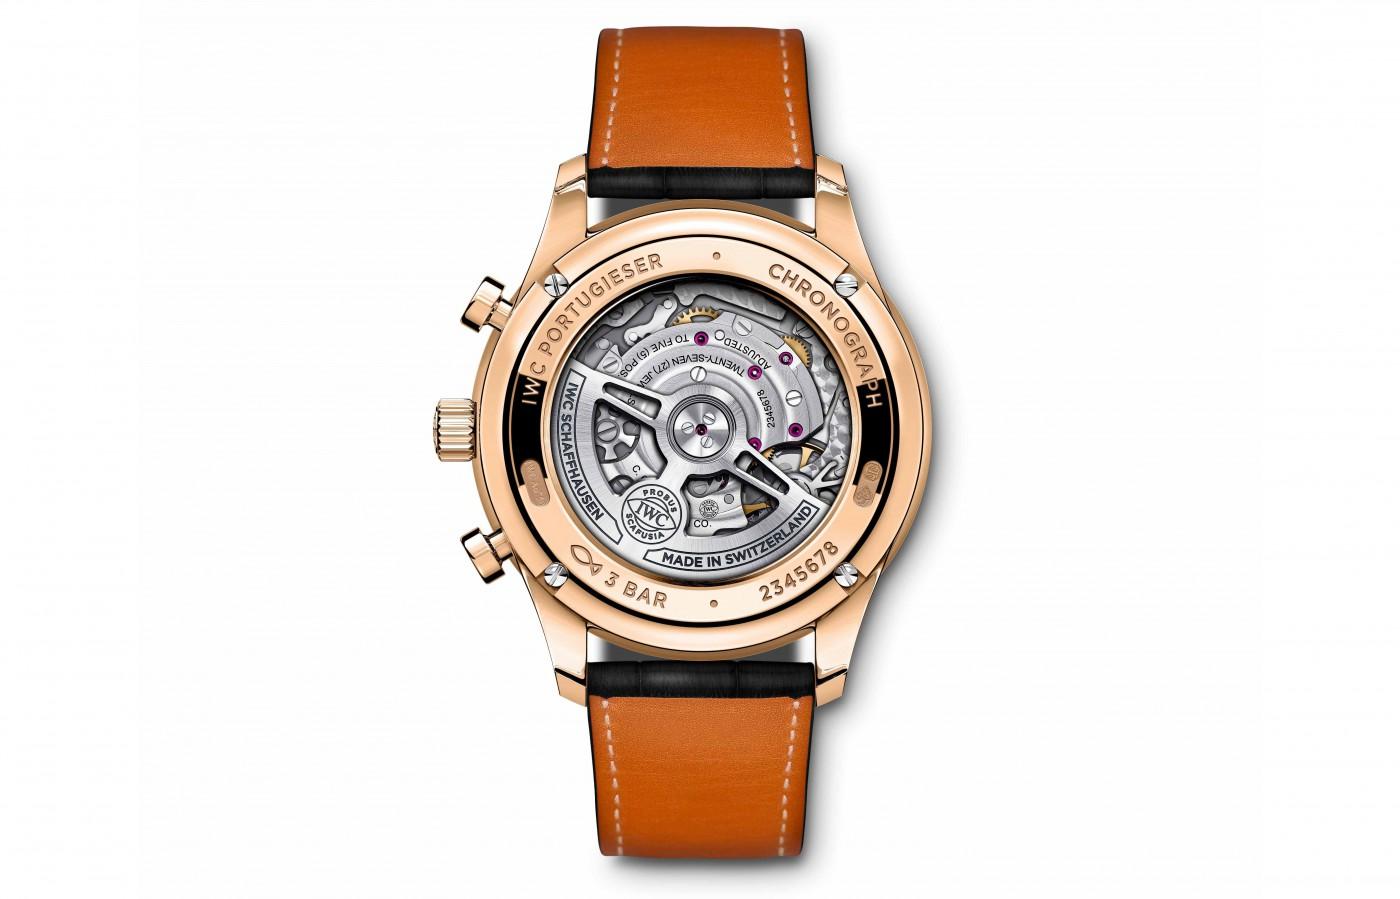 關于萬國海洋男士手表,看不出真假嗎?圖片